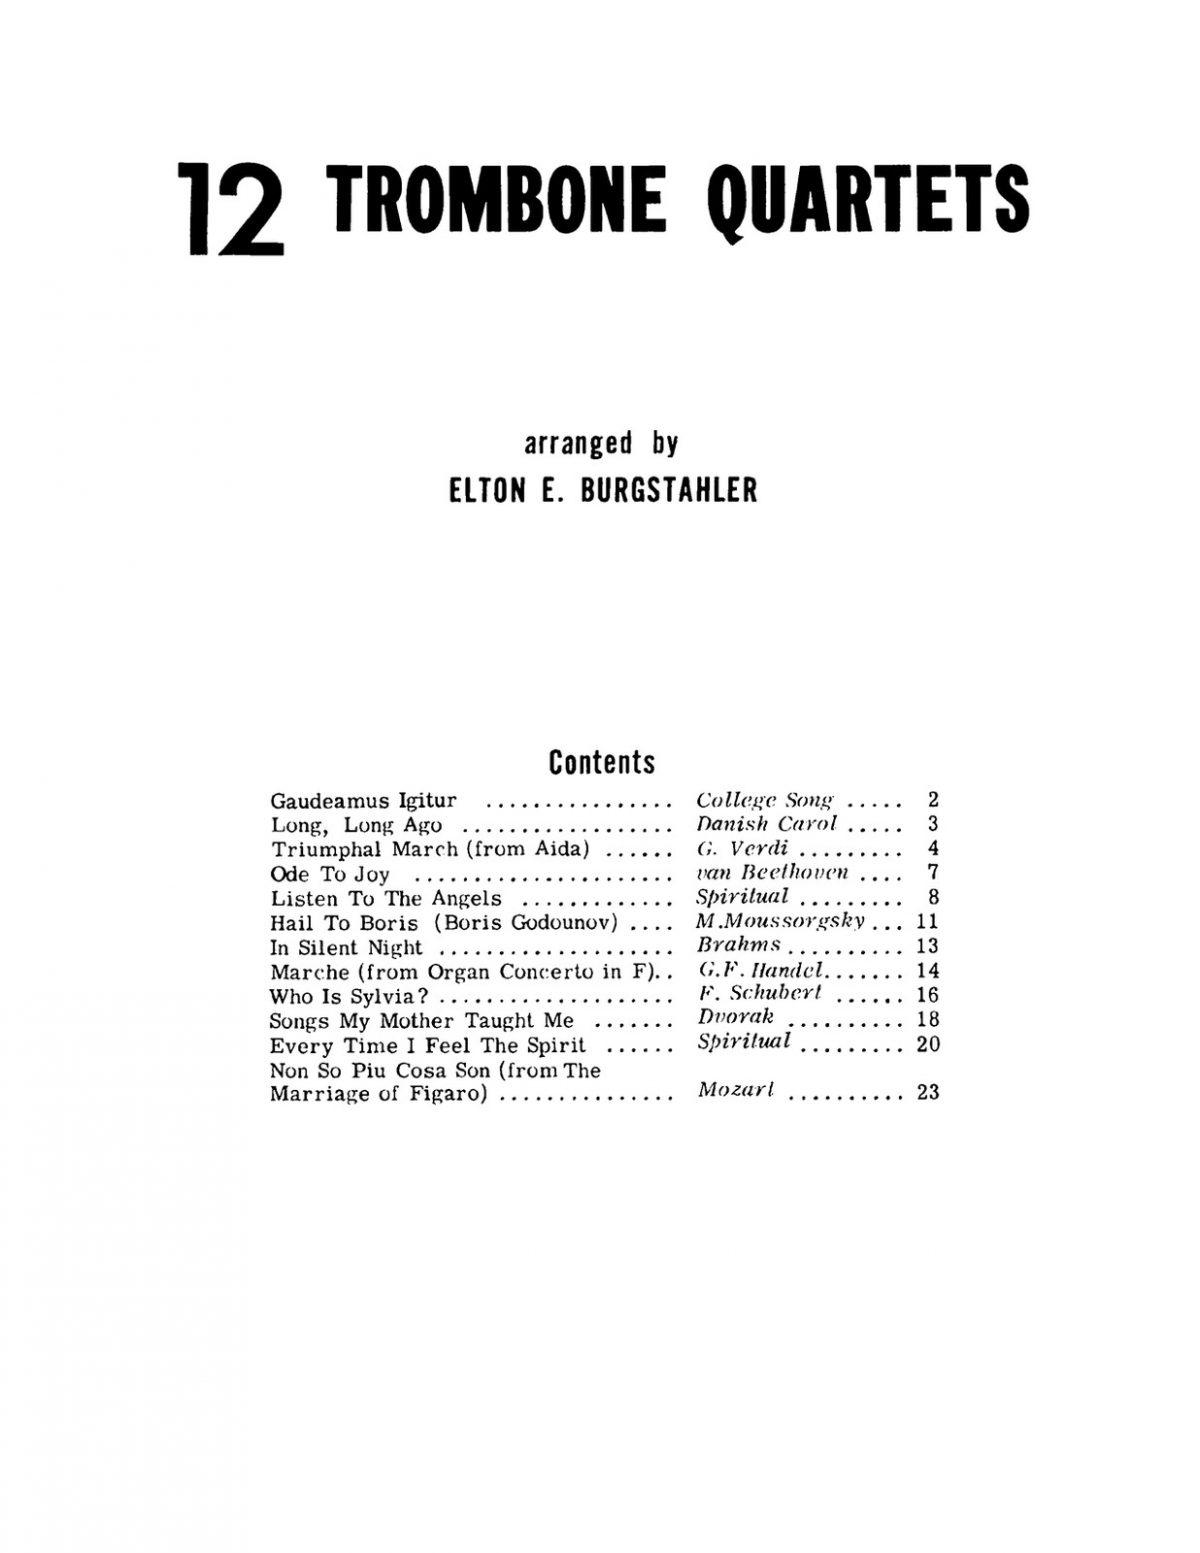 Burgstahler, 12 Trombone Quartets-p03